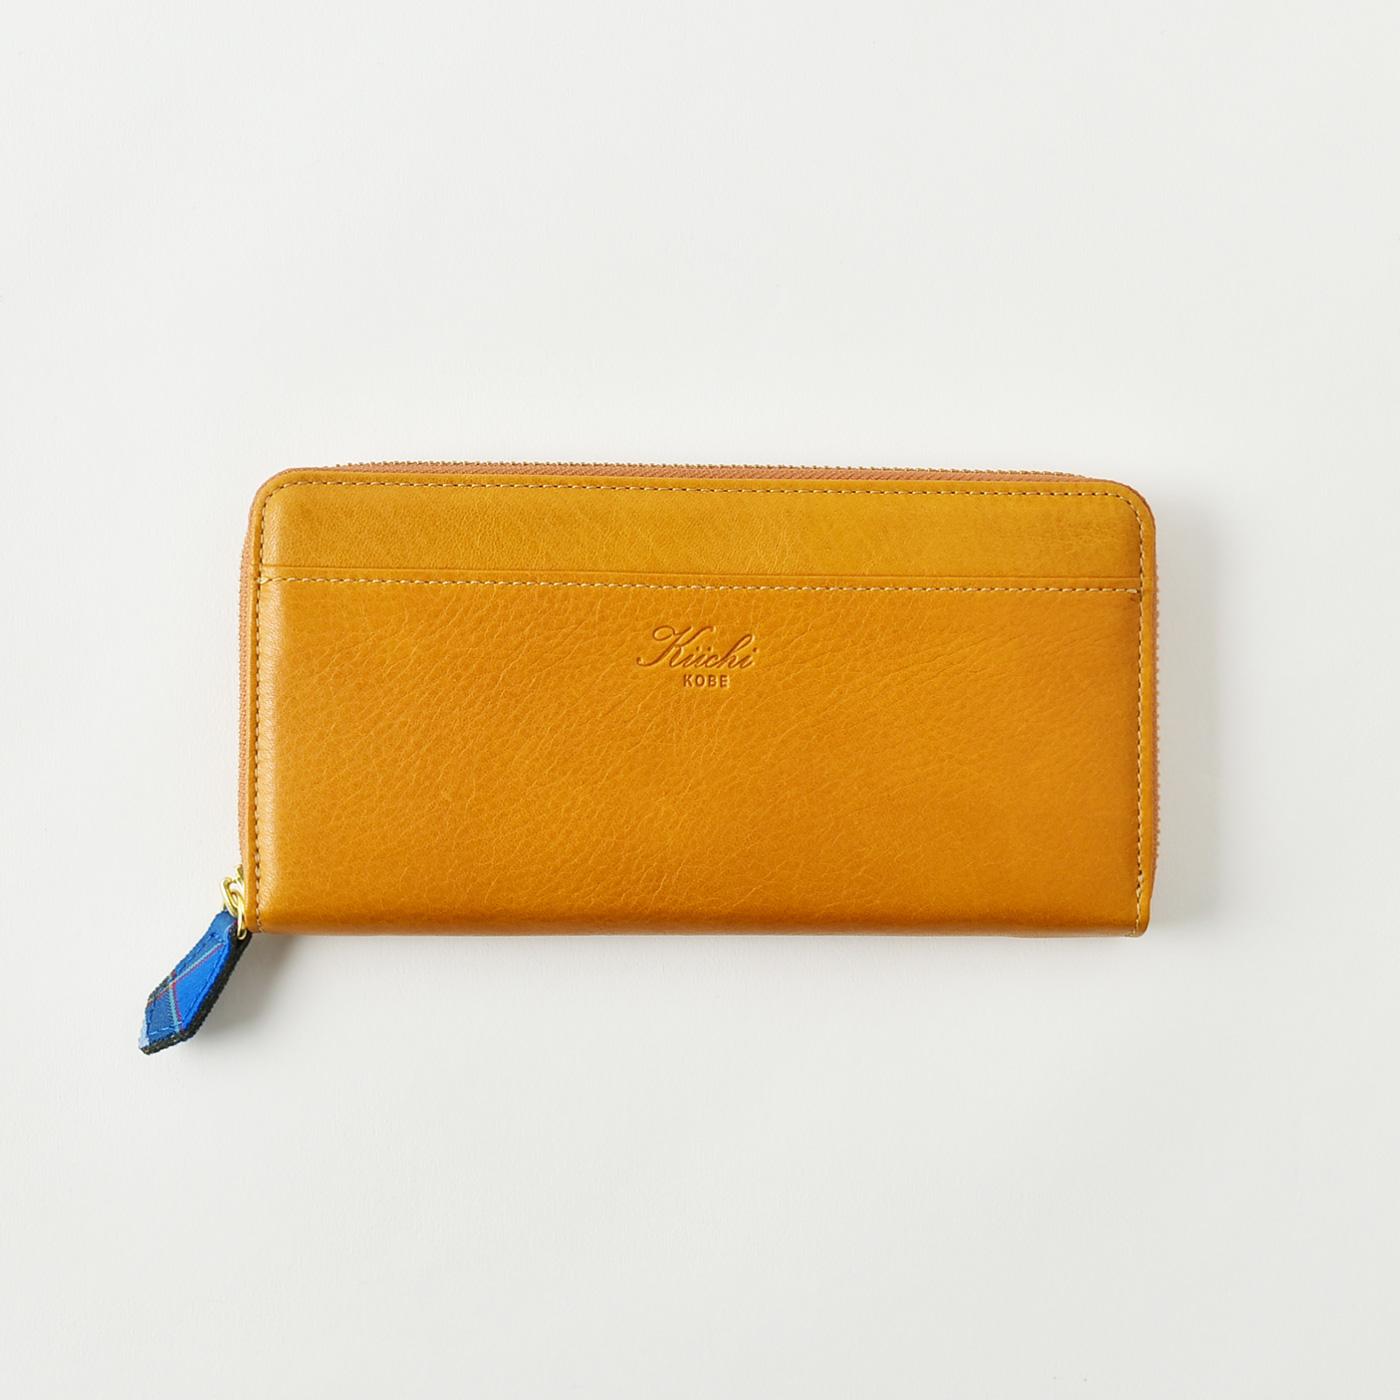 神戸タータン 革長財布(ラウンド)(キャメル)